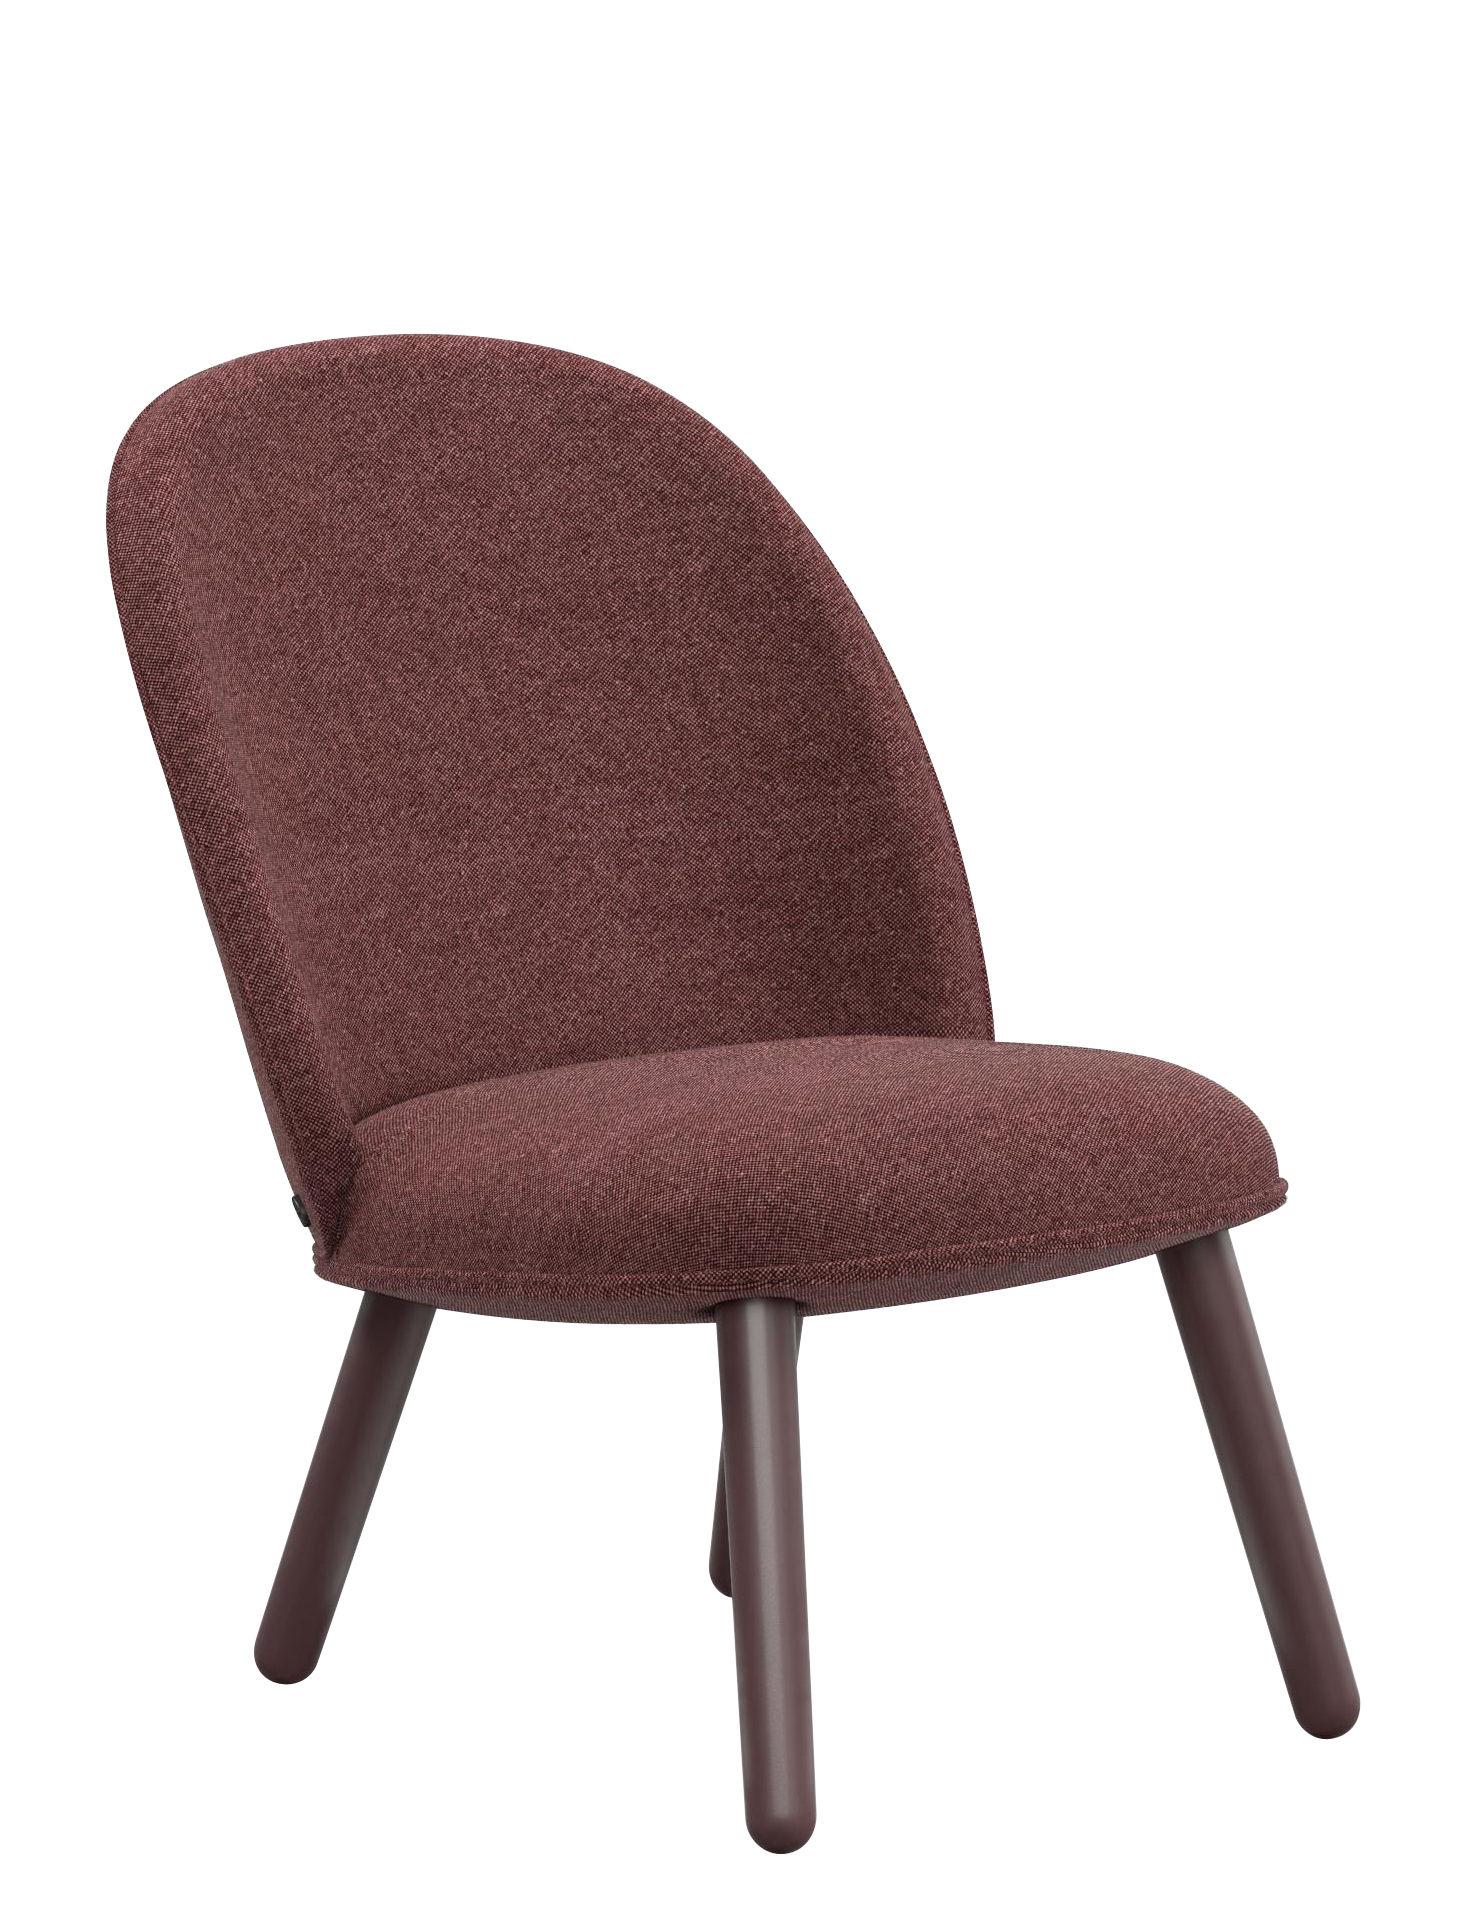 fauteuil bas rembourr ace tissu bois tissu rouge fonc normann copenhagen. Black Bedroom Furniture Sets. Home Design Ideas